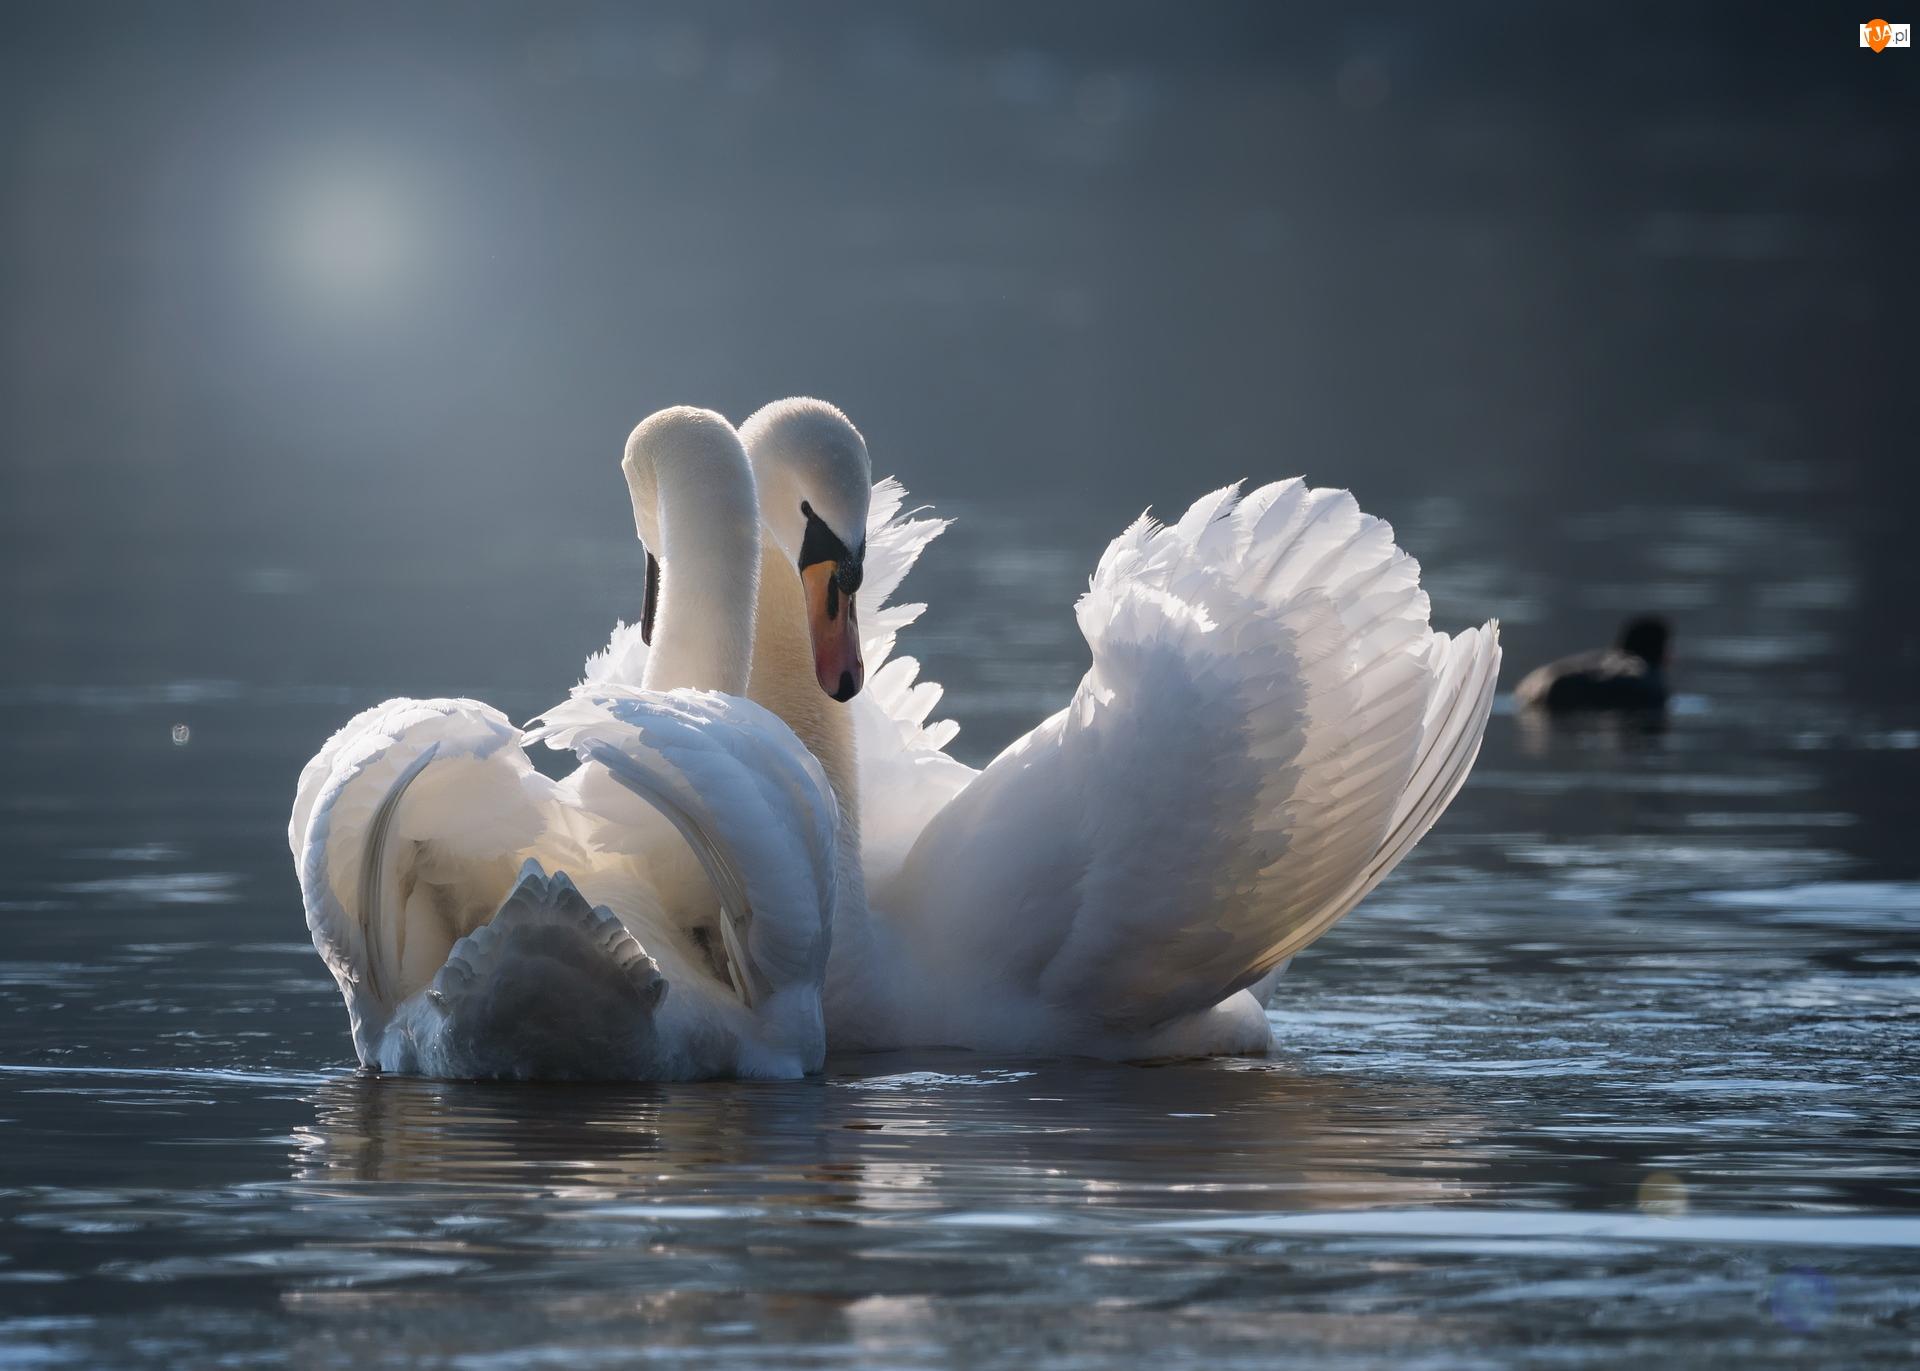 Łabędzie, Dwa, Ptaki, Białe